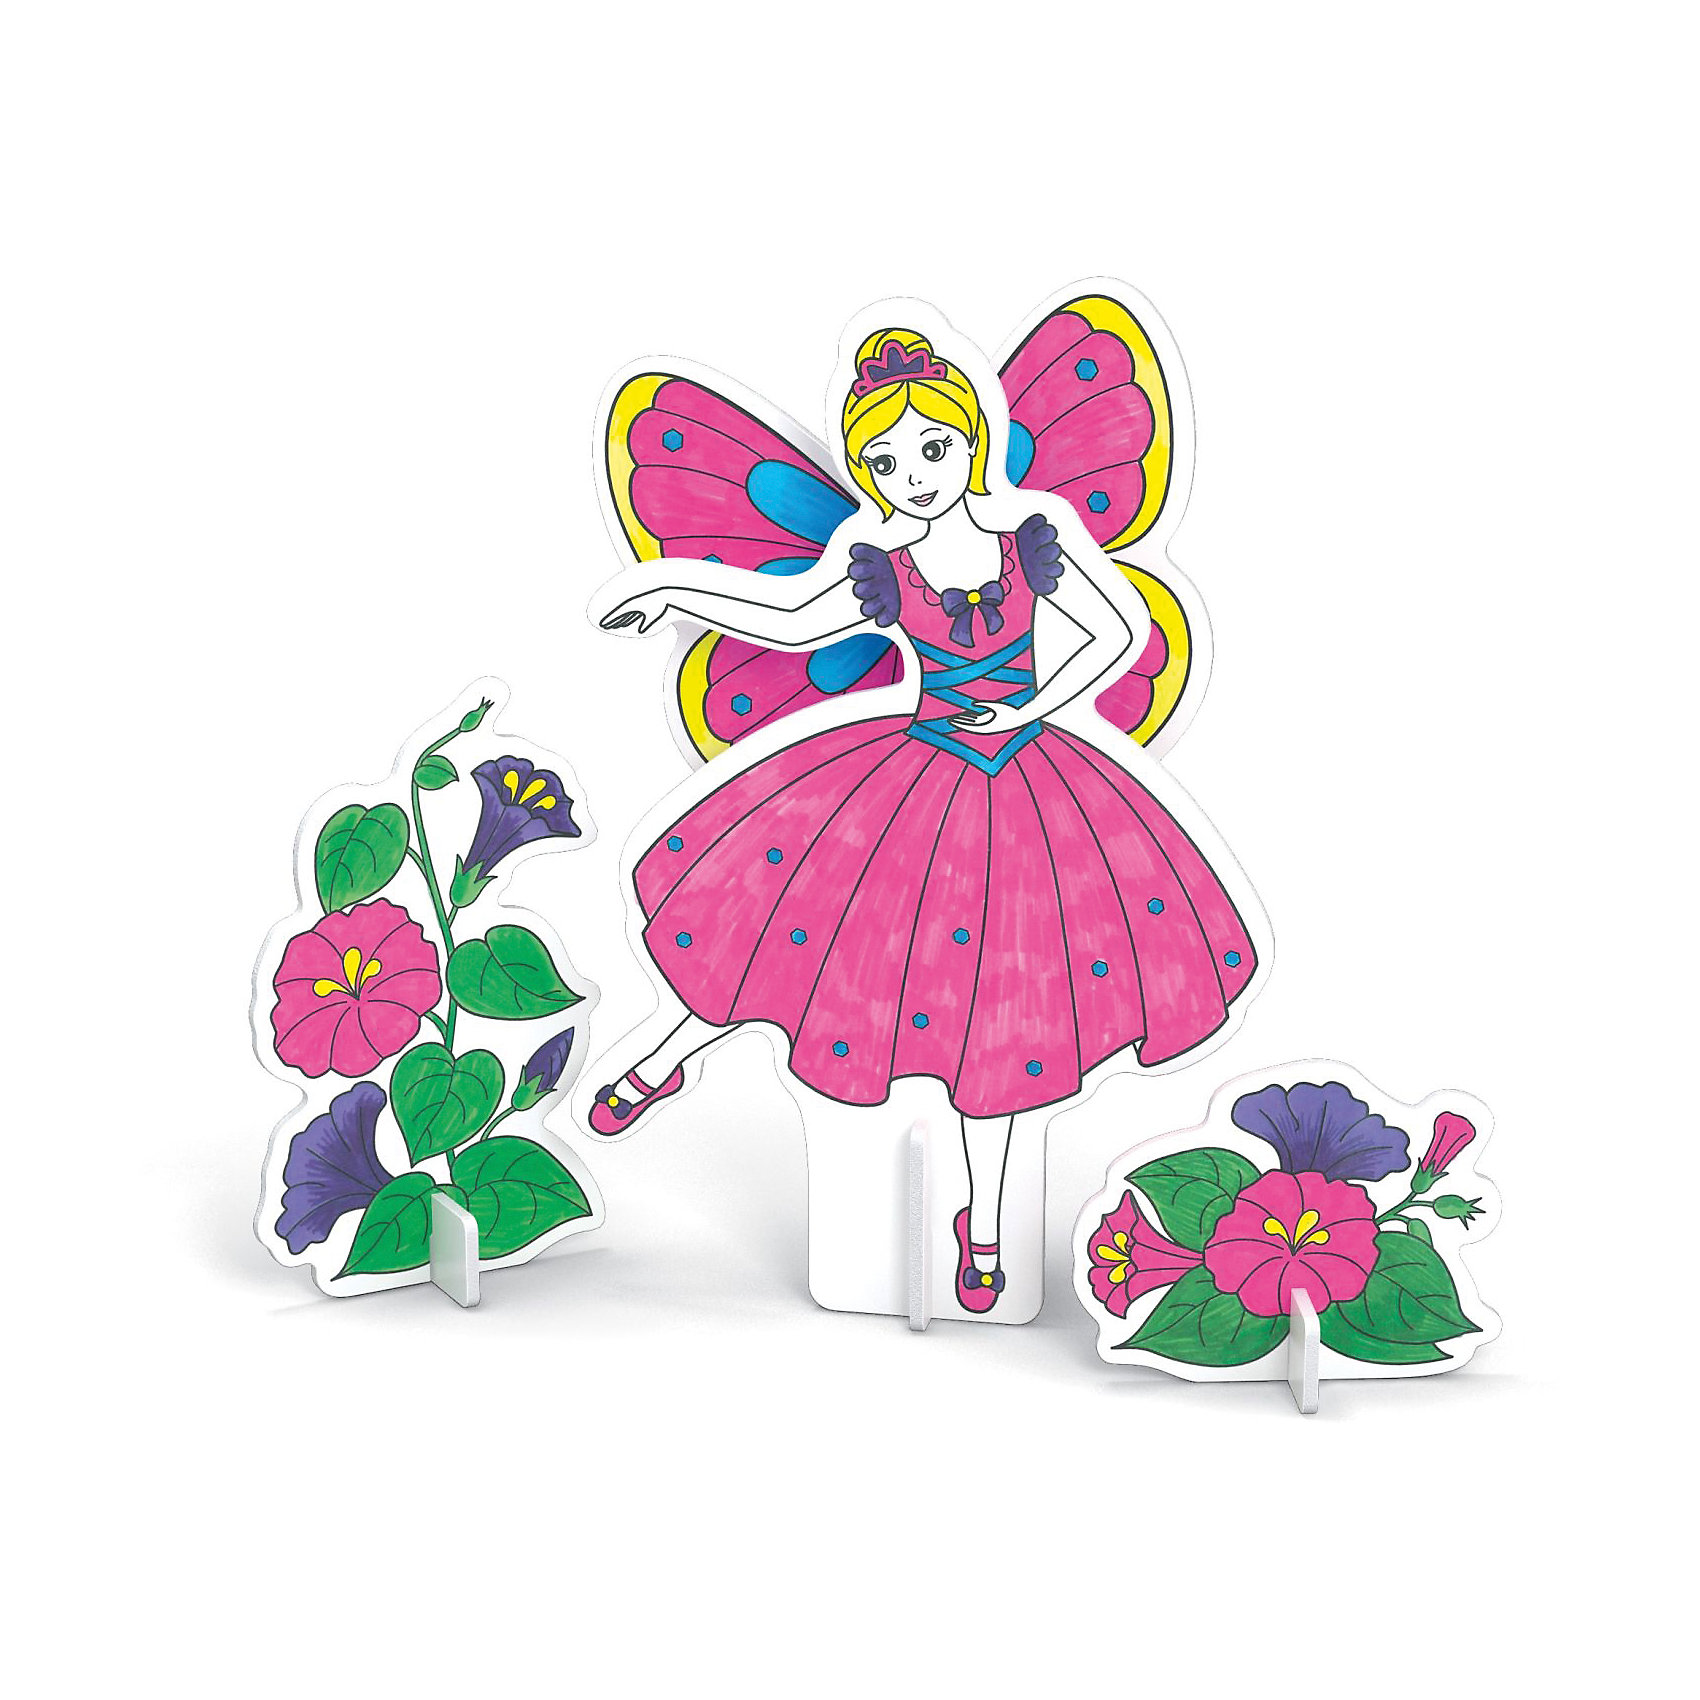 3D Раскраска Фея танца, ArtberryРукоделие<br>С помощью набора 3D Раскраска Фея танца, Artberry (Артберри) Вашей девочке предстоит собрать и разукрасить фигурку танцующей феи с крыльями в пышном платье, создав оригинальный аксессуар. Сборка объемной модели феи не потребует клея и ножниц. Творческий процесс развивает усидчивость, моторику пальцев, терпение, трудолюбие и творческие способности.<br><br>Комплектация: 6 разноцветных фломастеров, 2 карты с фигурами для сборки<br><br>Дополнительная информация:<br>-Вес в упаковке: 243 г<br>-Размеры в упаковке: 300х230х25 мм<br>-Материалы: картон, пластмасса, чернила<br><br>Такой творческий набор станет отличным подарком, который доставит настоящую радость детям и откроет новые возможности для развития творческих способностей Вашего ребенка!<br><br>3D Раскраска Фея танца, Artberry (Артберри) можно купить в нашем магазине.<br><br>Ширина мм: 300<br>Глубина мм: 230<br>Высота мм: 25<br>Вес г: 243<br>Возраст от месяцев: 36<br>Возраст до месяцев: 144<br>Пол: Унисекс<br>Возраст: Детский<br>SKU: 4058311